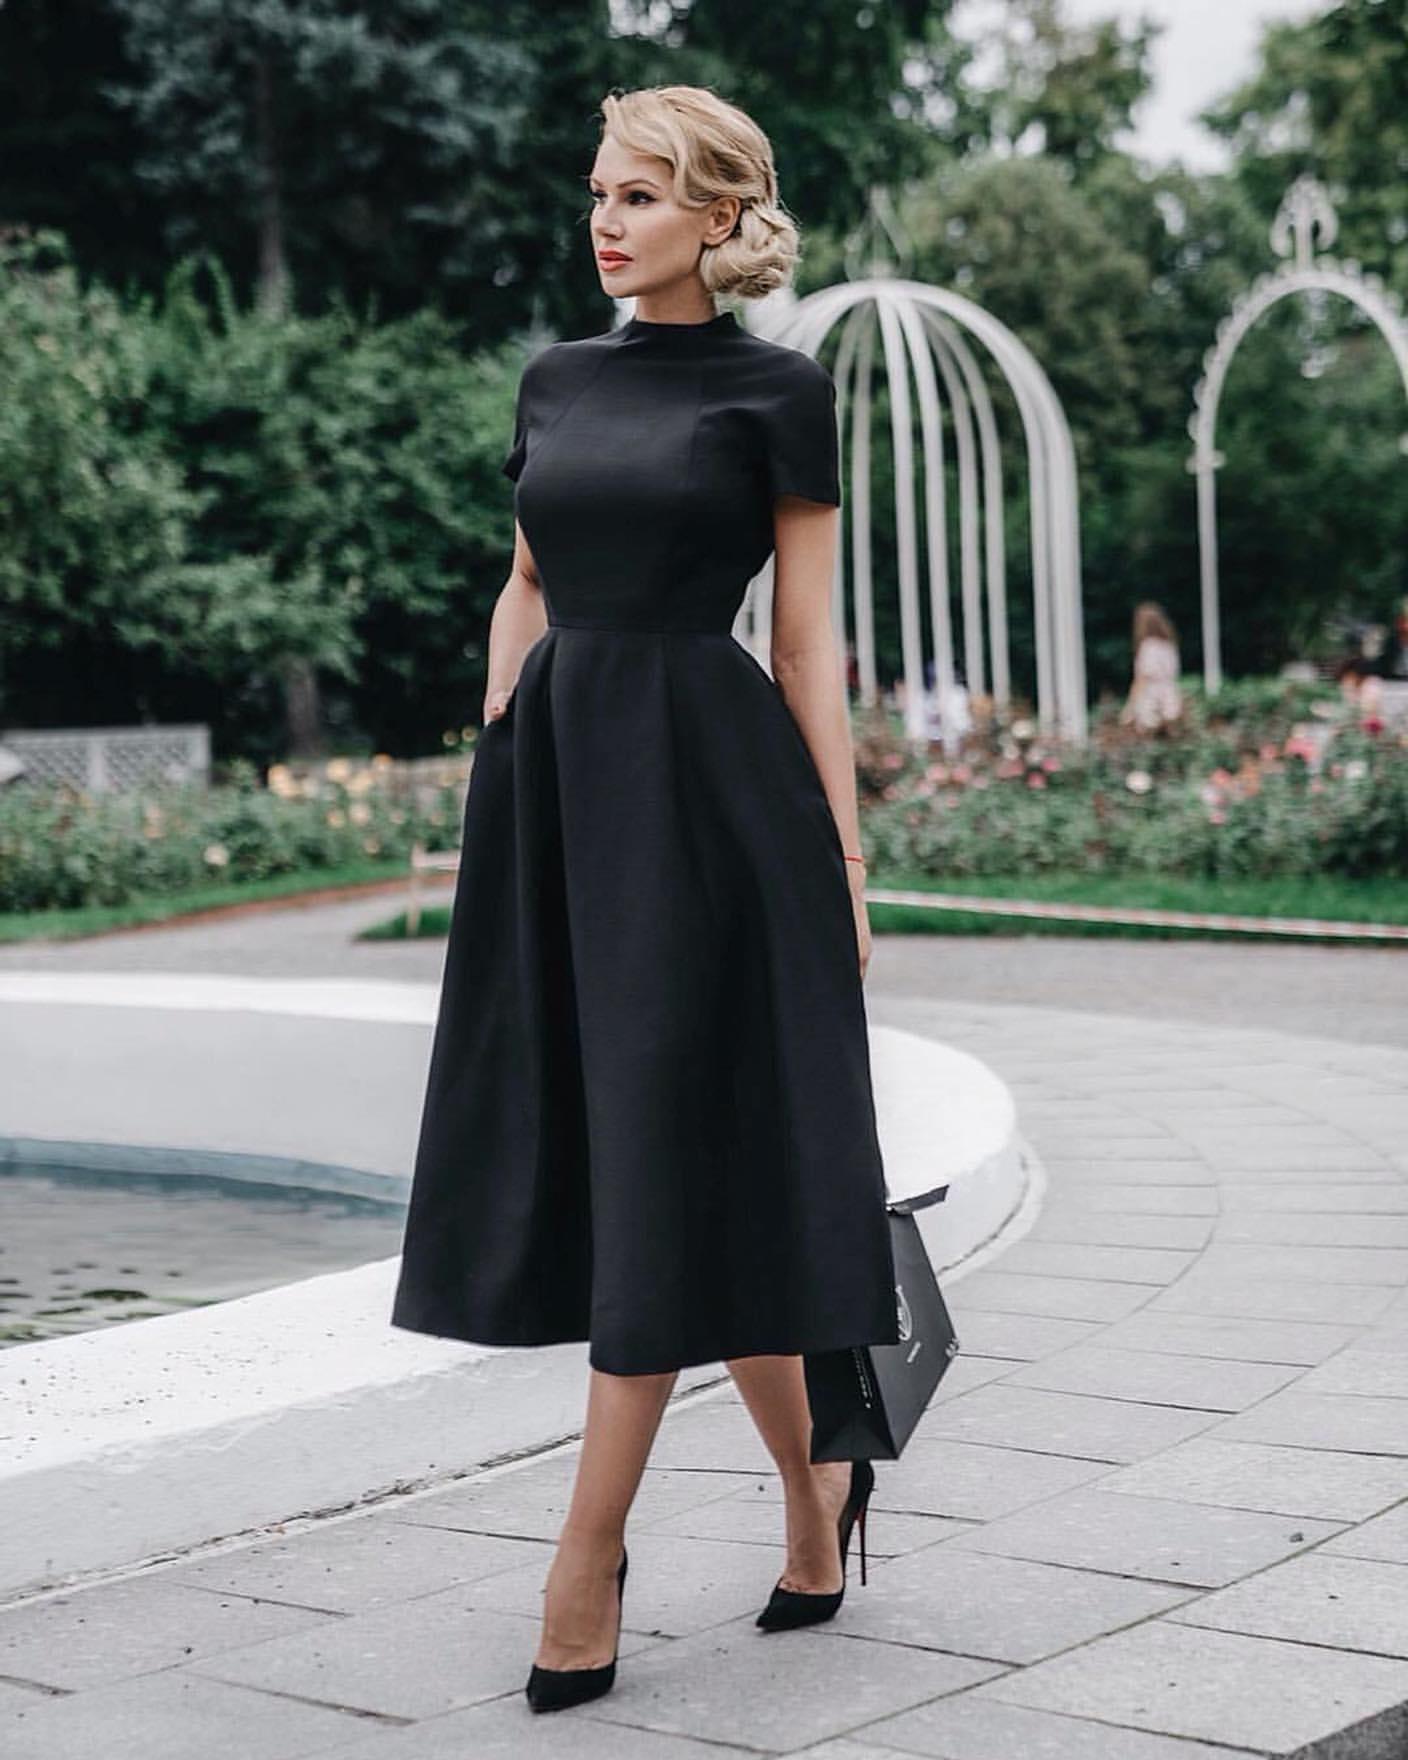 Нью-лук стиль 2020 для женщин 40-50 лет фото 4